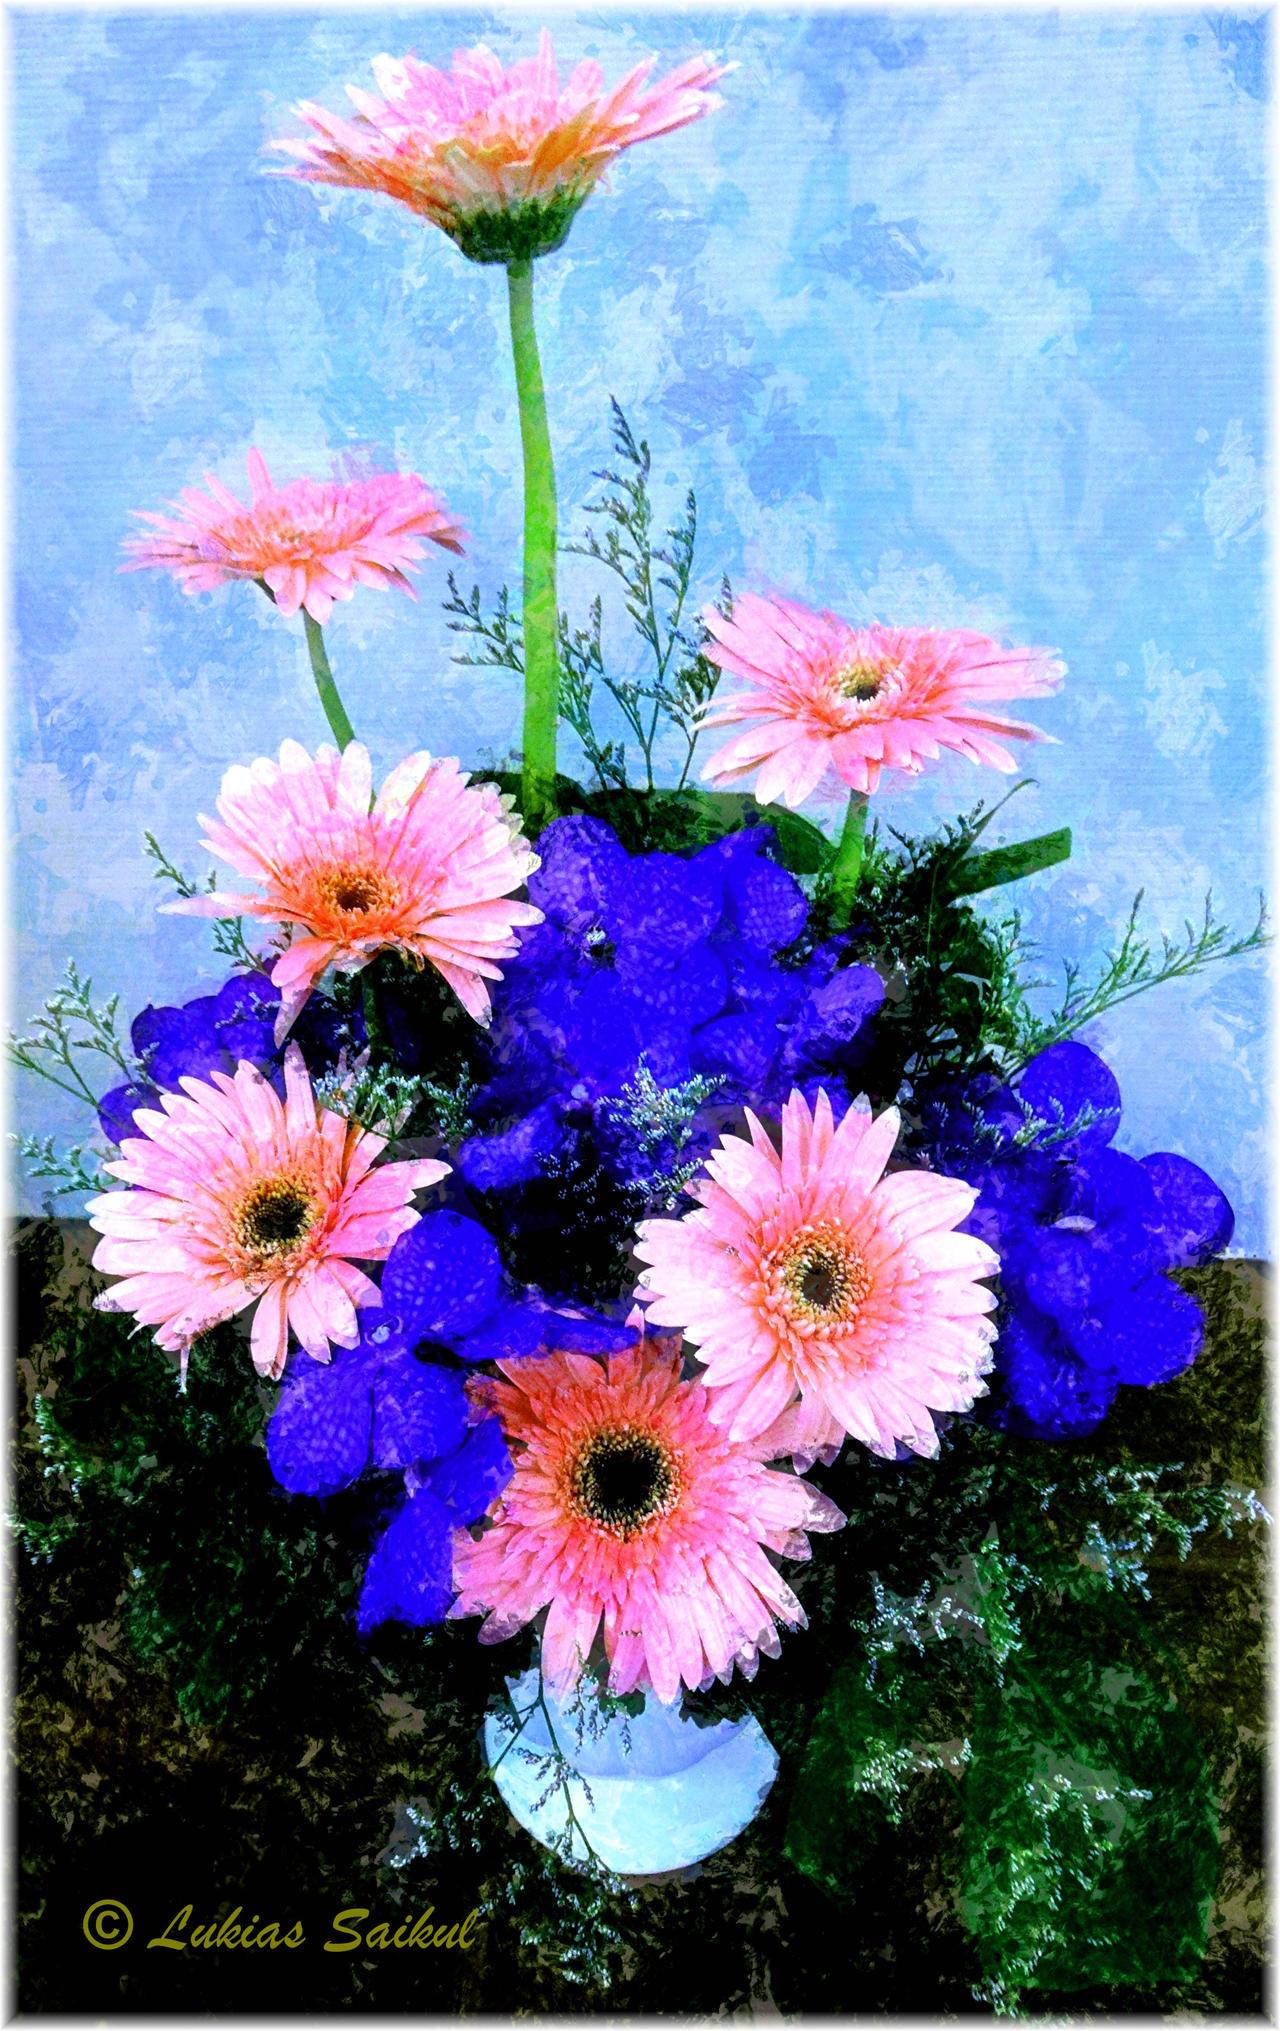 Painted Flowers I by lukias saikul on DeviantArt